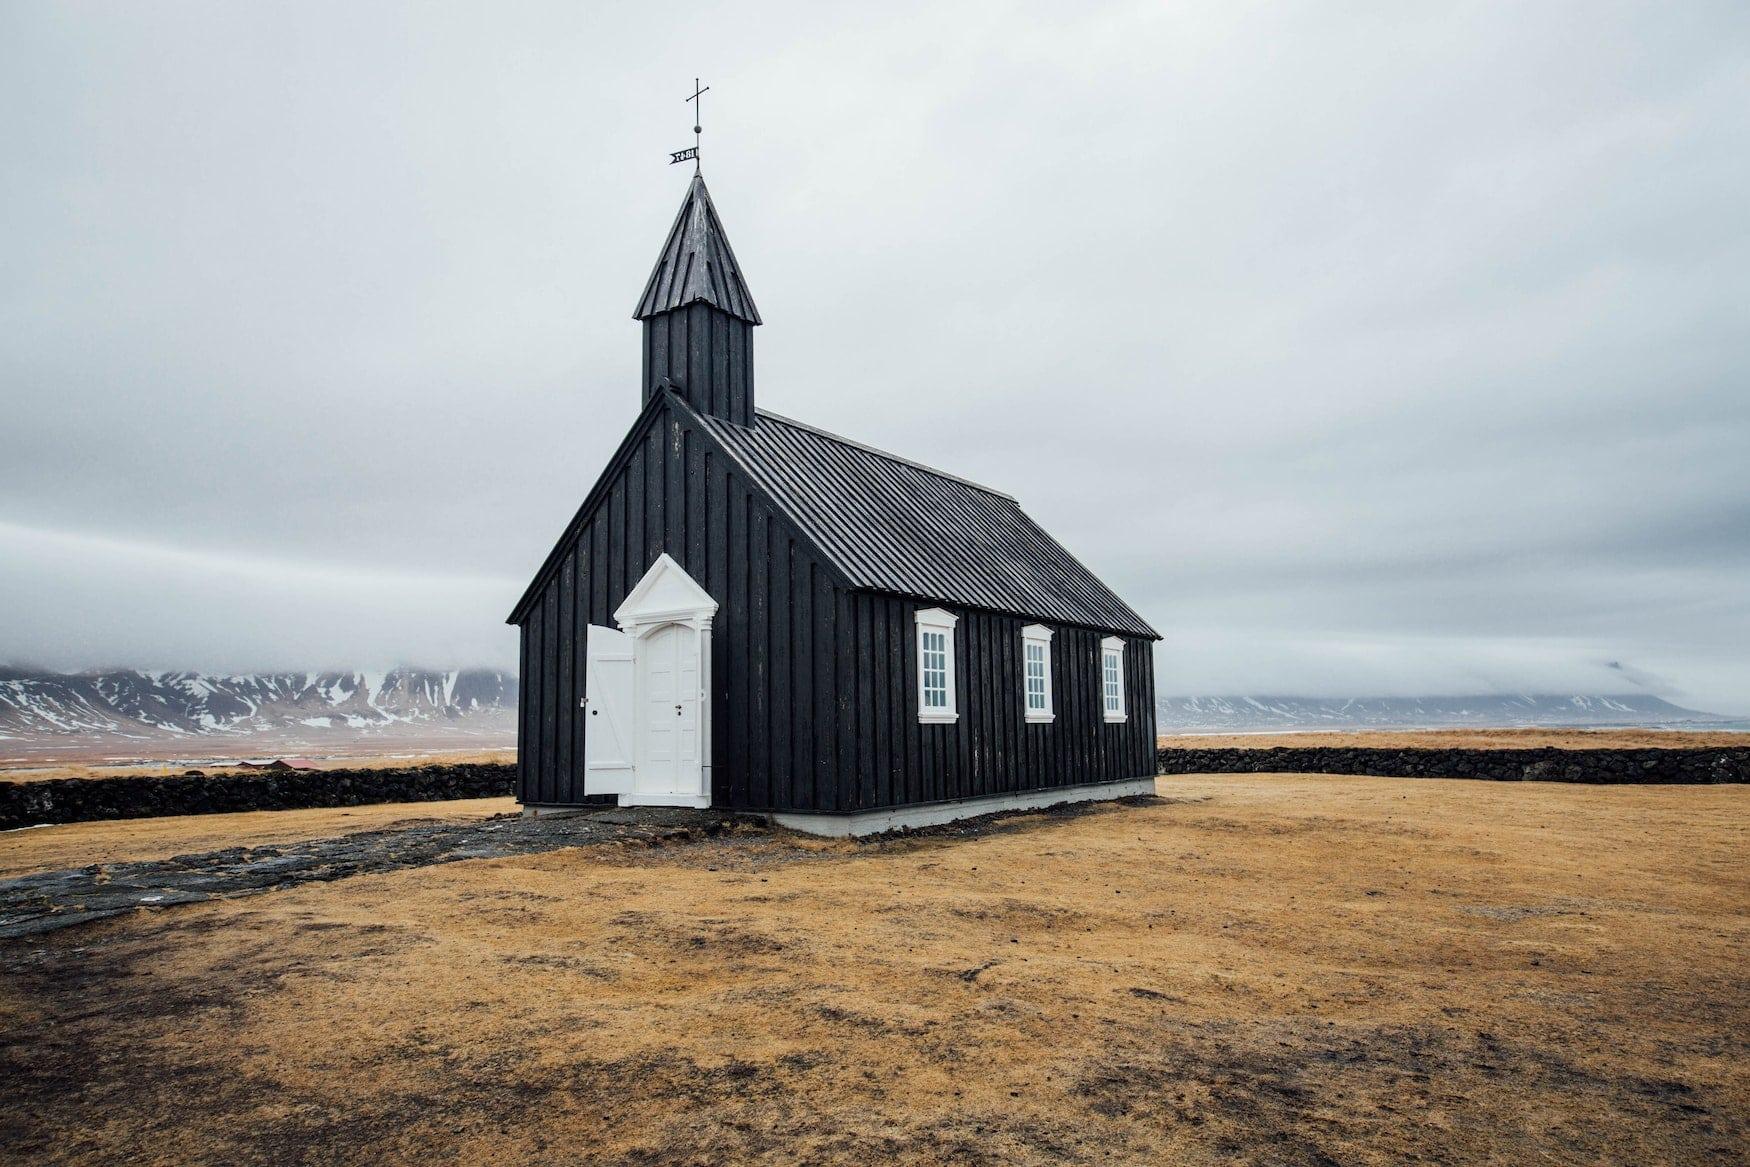 Schwarze Kirche aus Holz steht in einsamer isländischer Natur